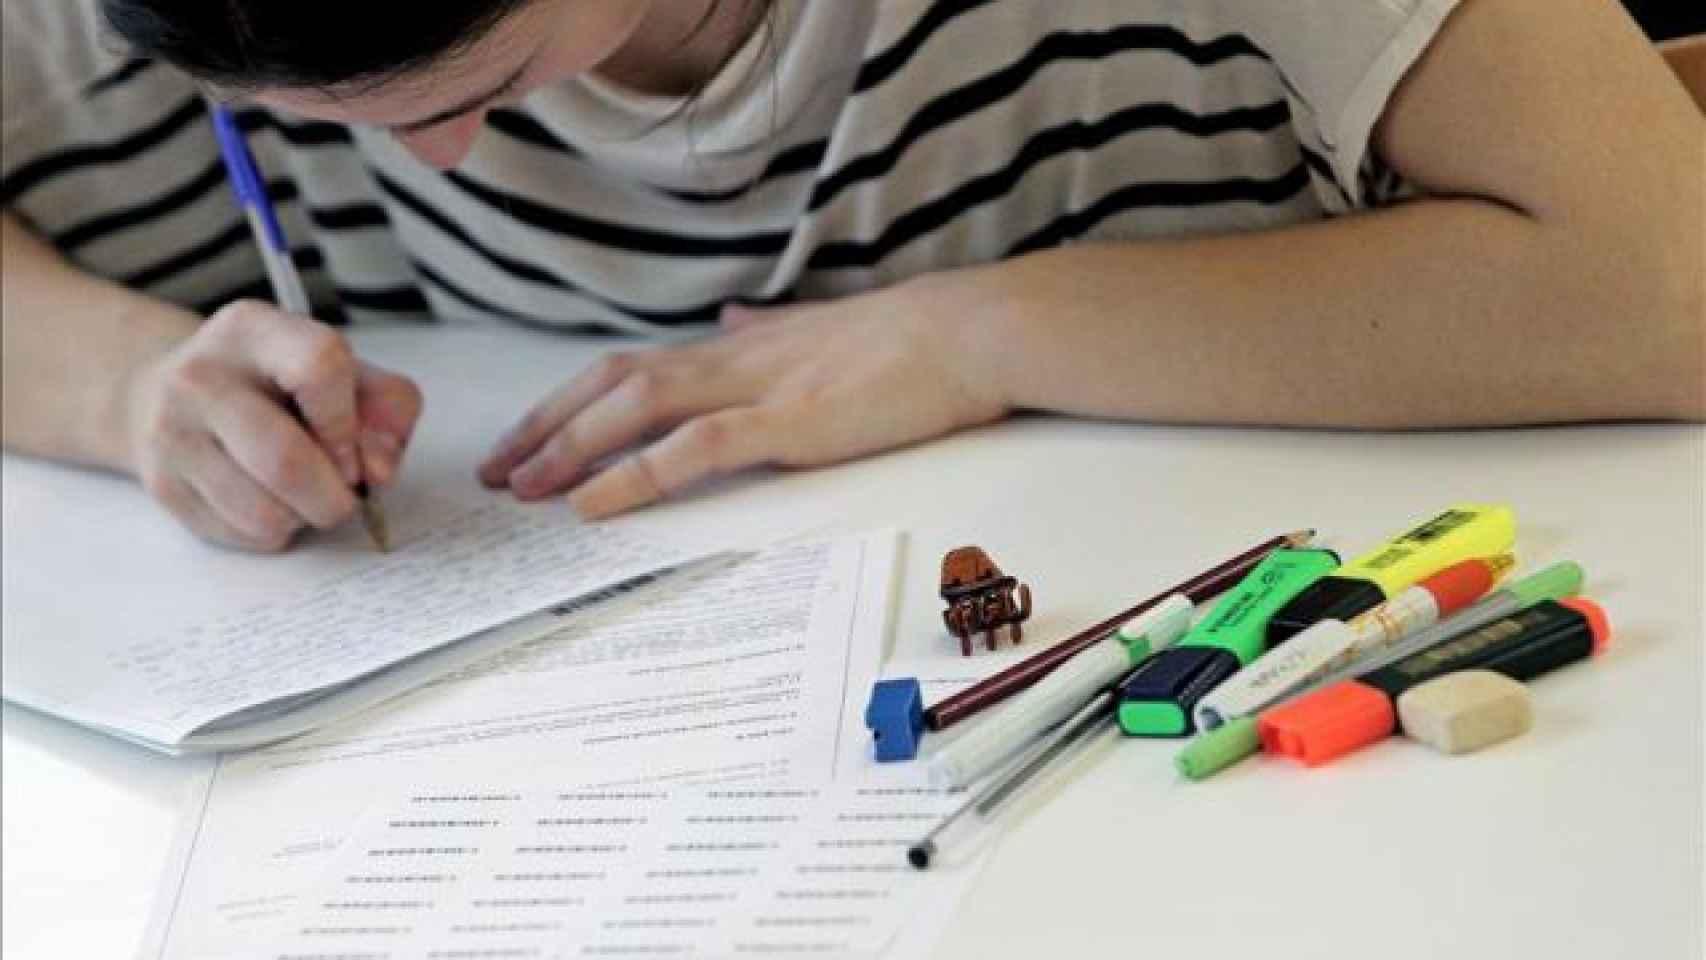 La CEAPA aglutina a más de 13.000 asociaciones de padres y madres de la escuela pública